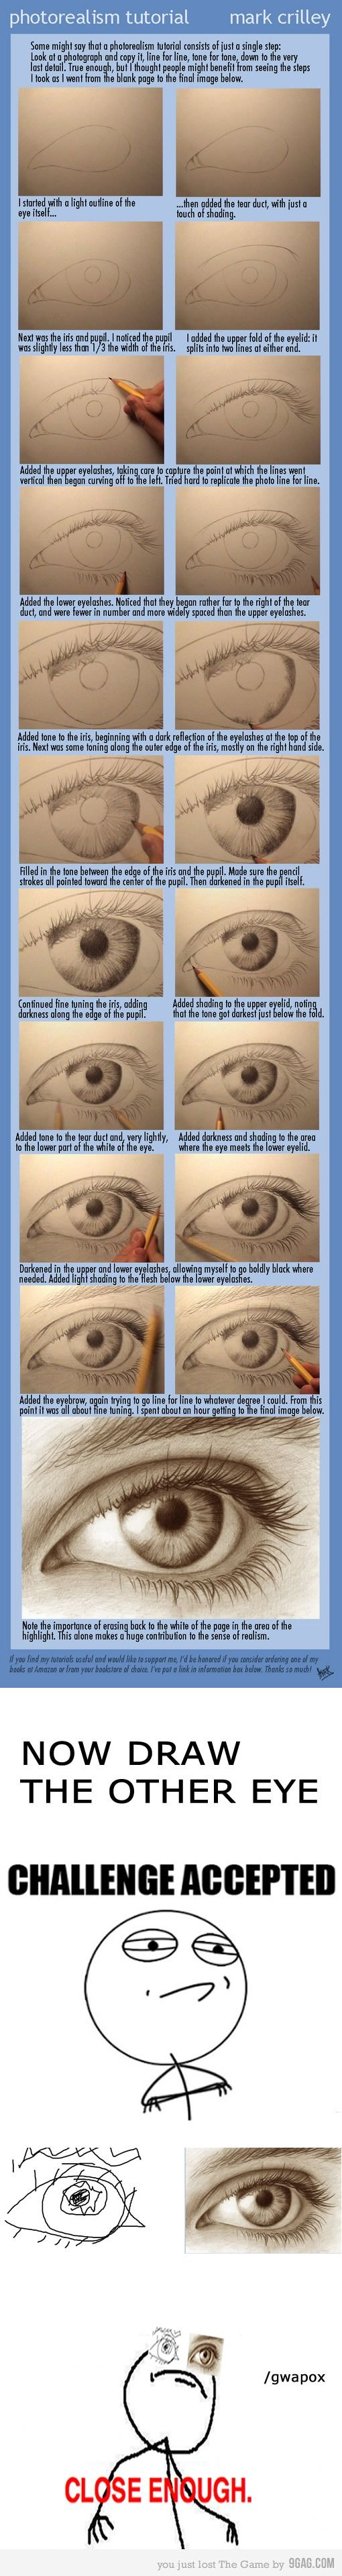 Draw an eye